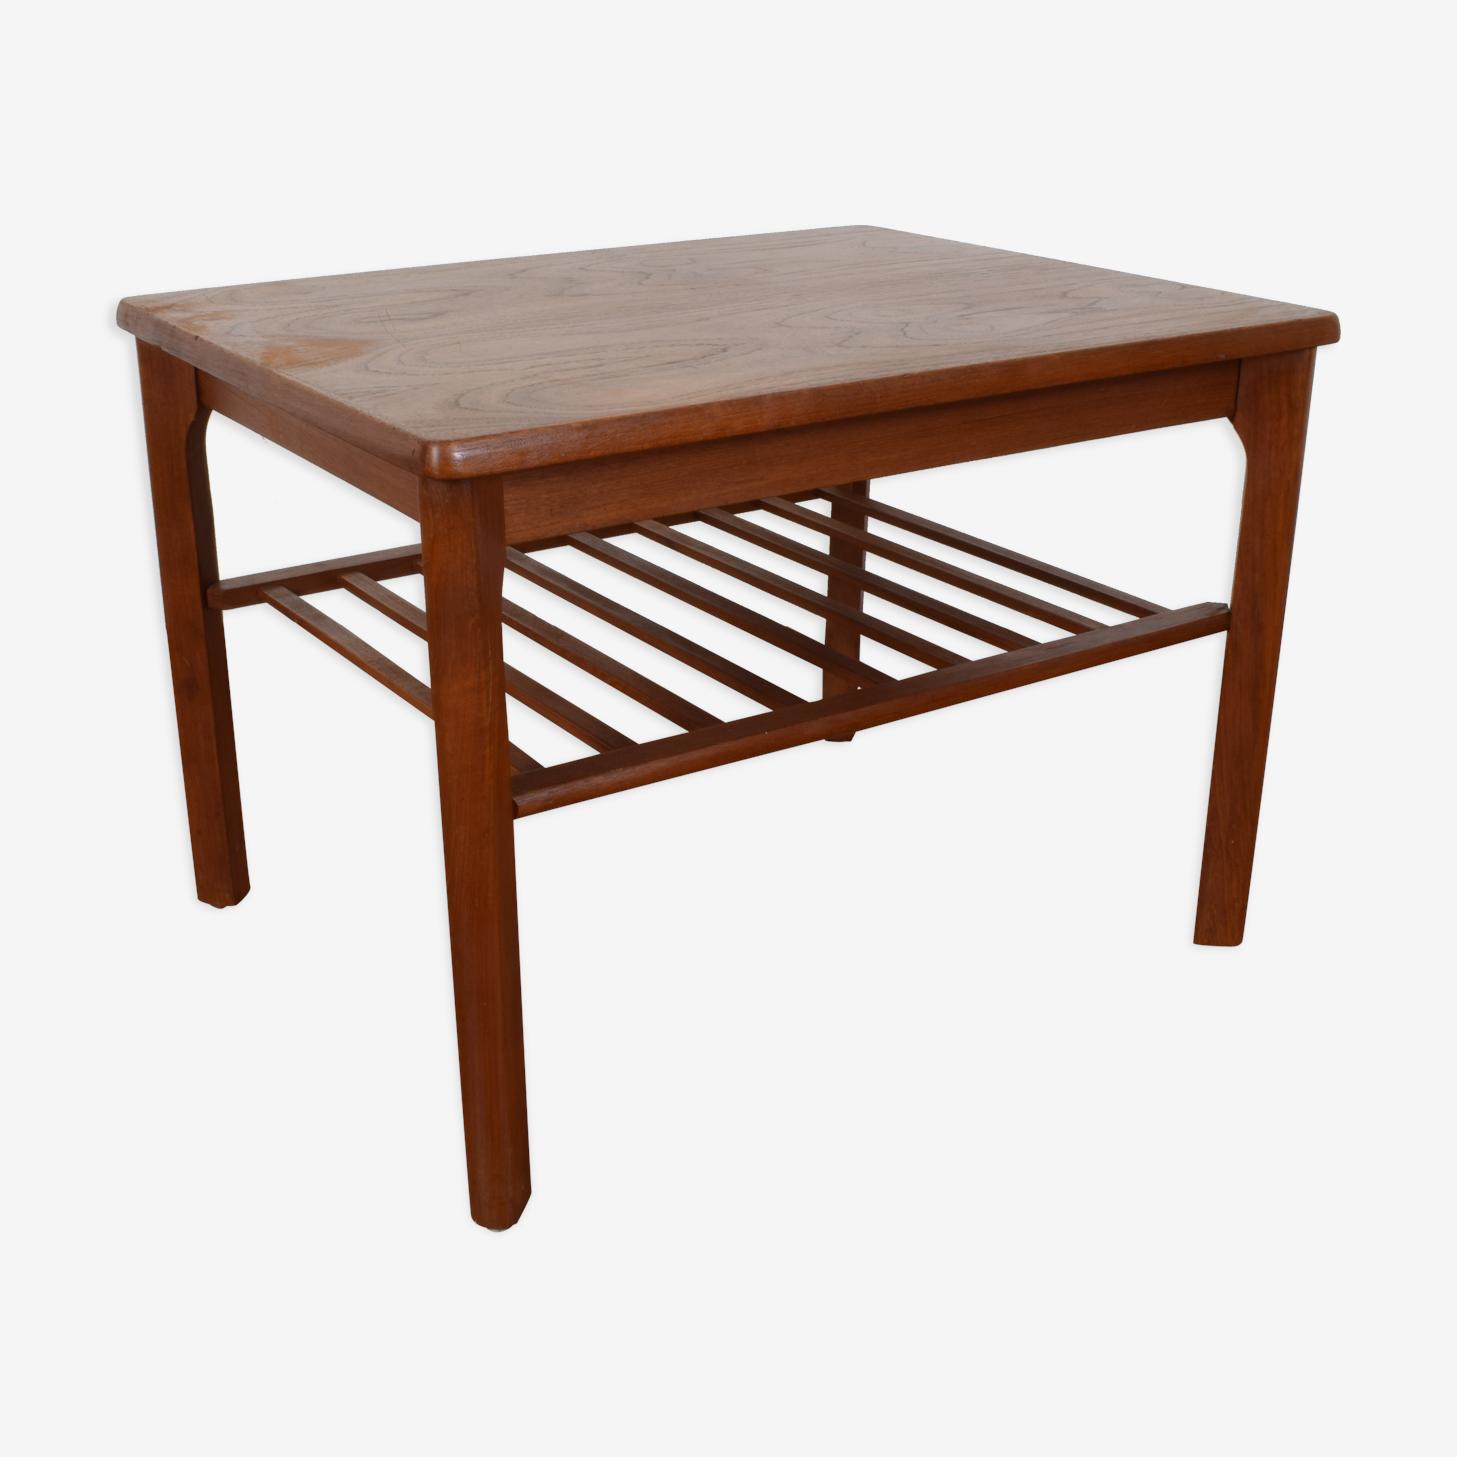 Coffee table from Toften Møbelfabrikken, 1960